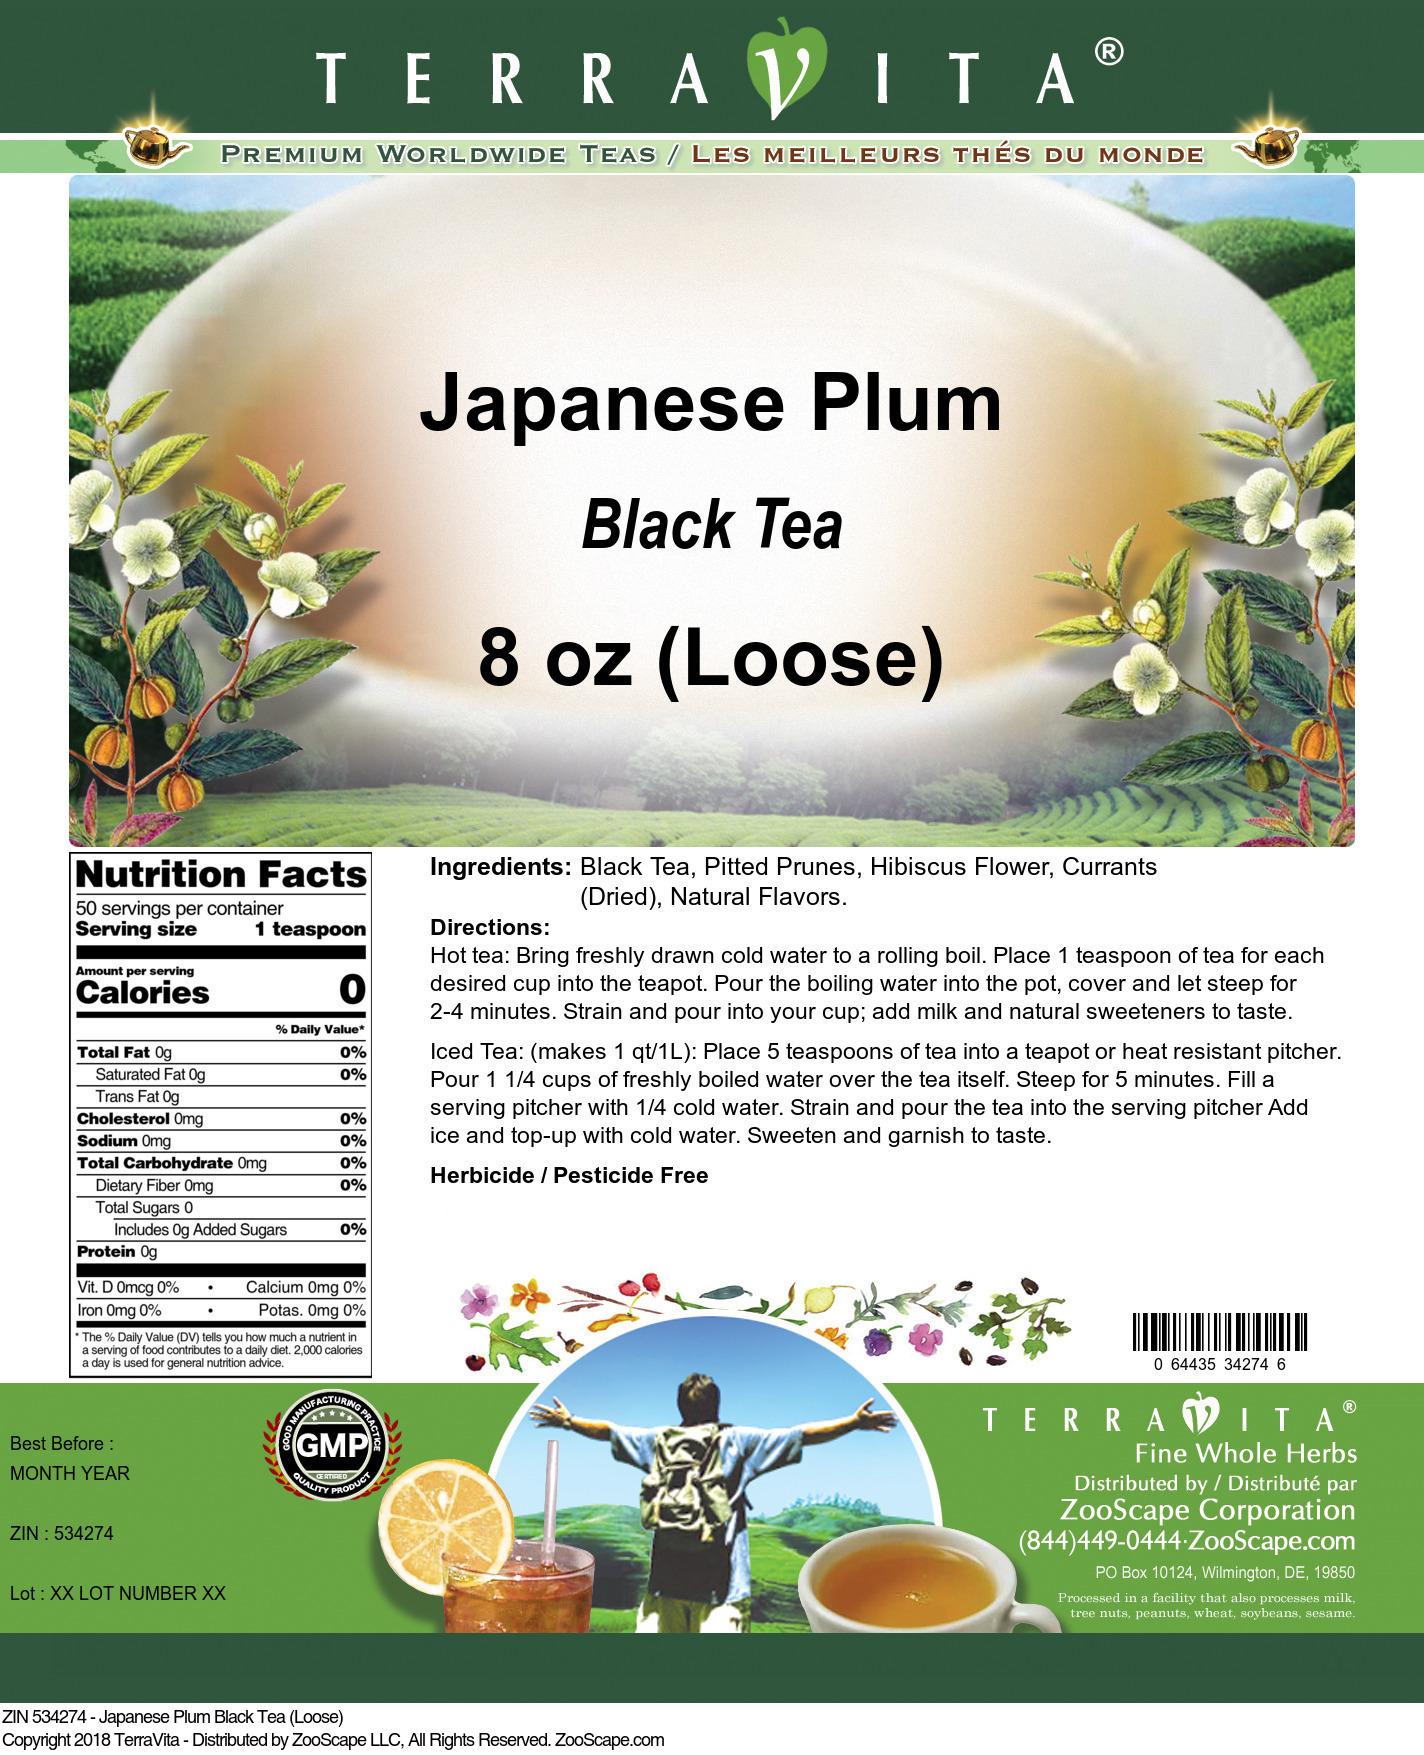 Japanese Plum Black Tea (Loose)